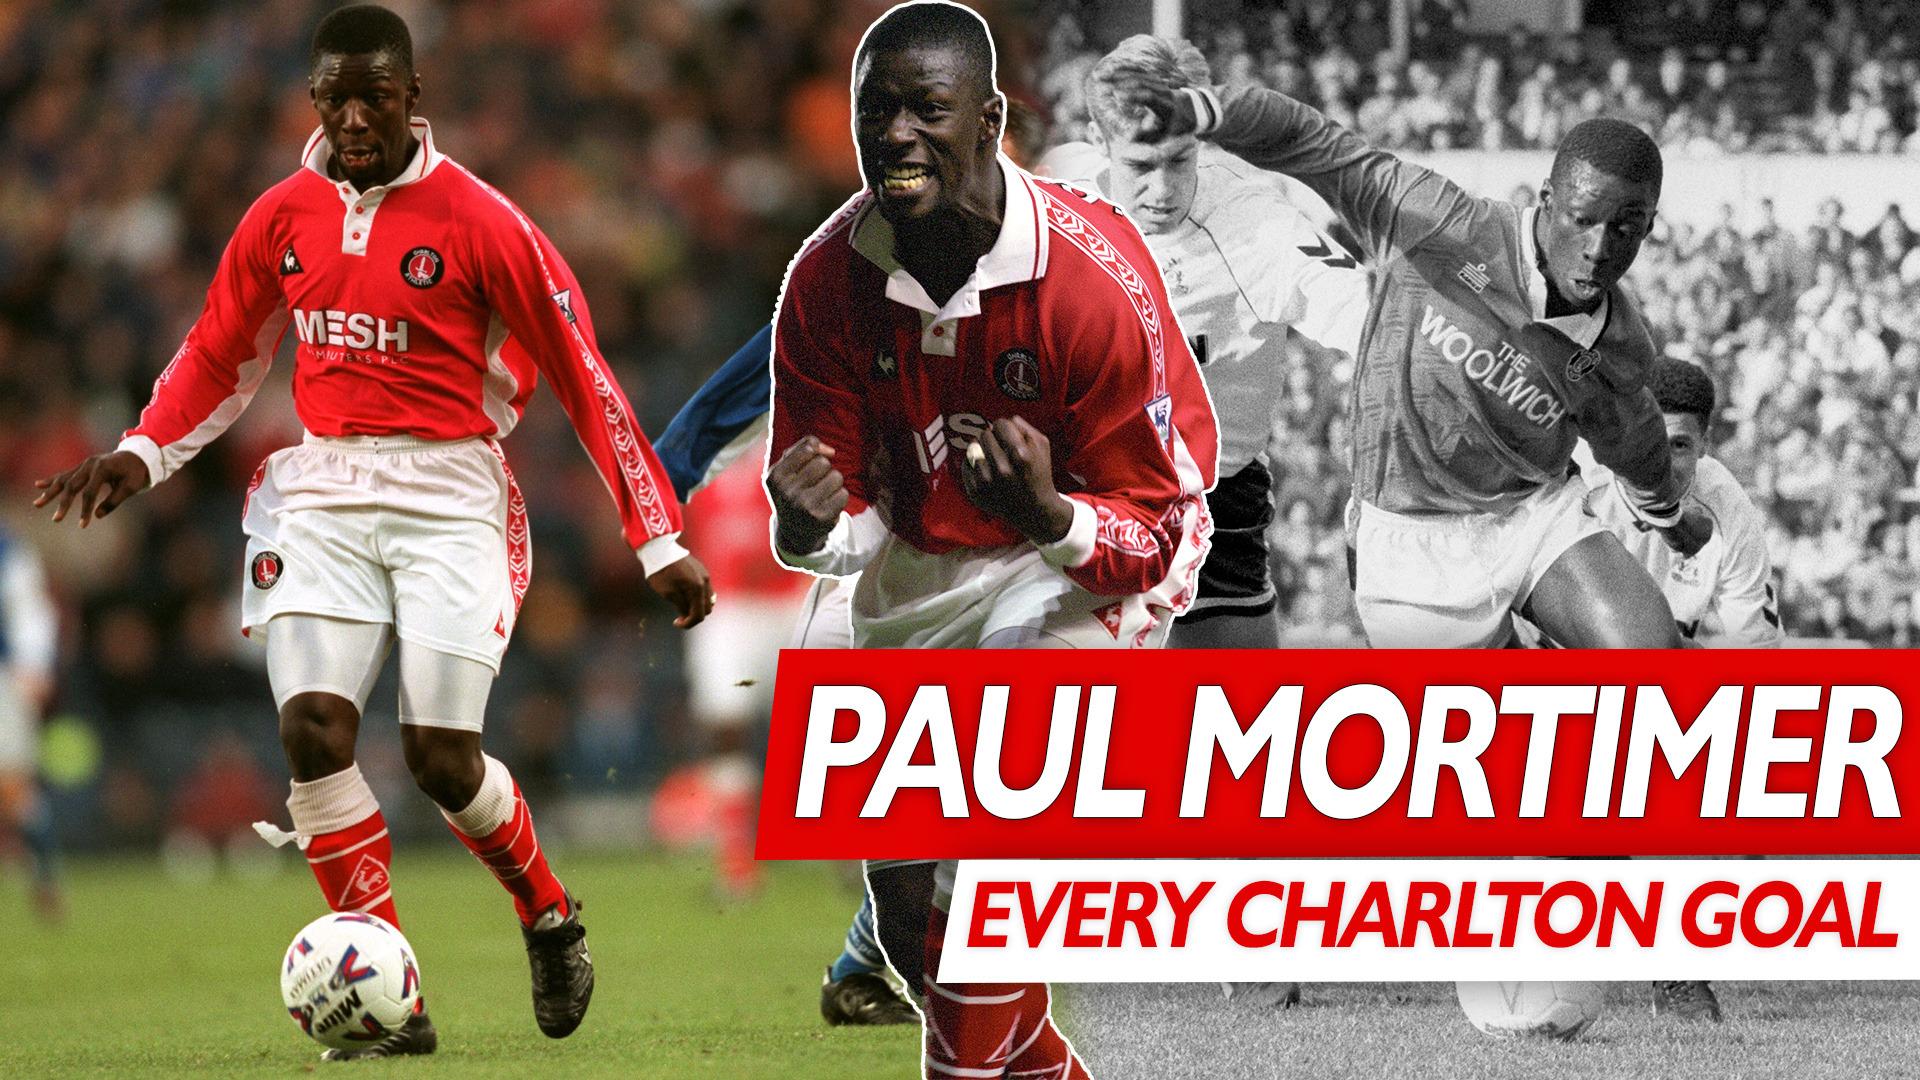 EVERY CHARLTON GOAL | Paul Mortimer